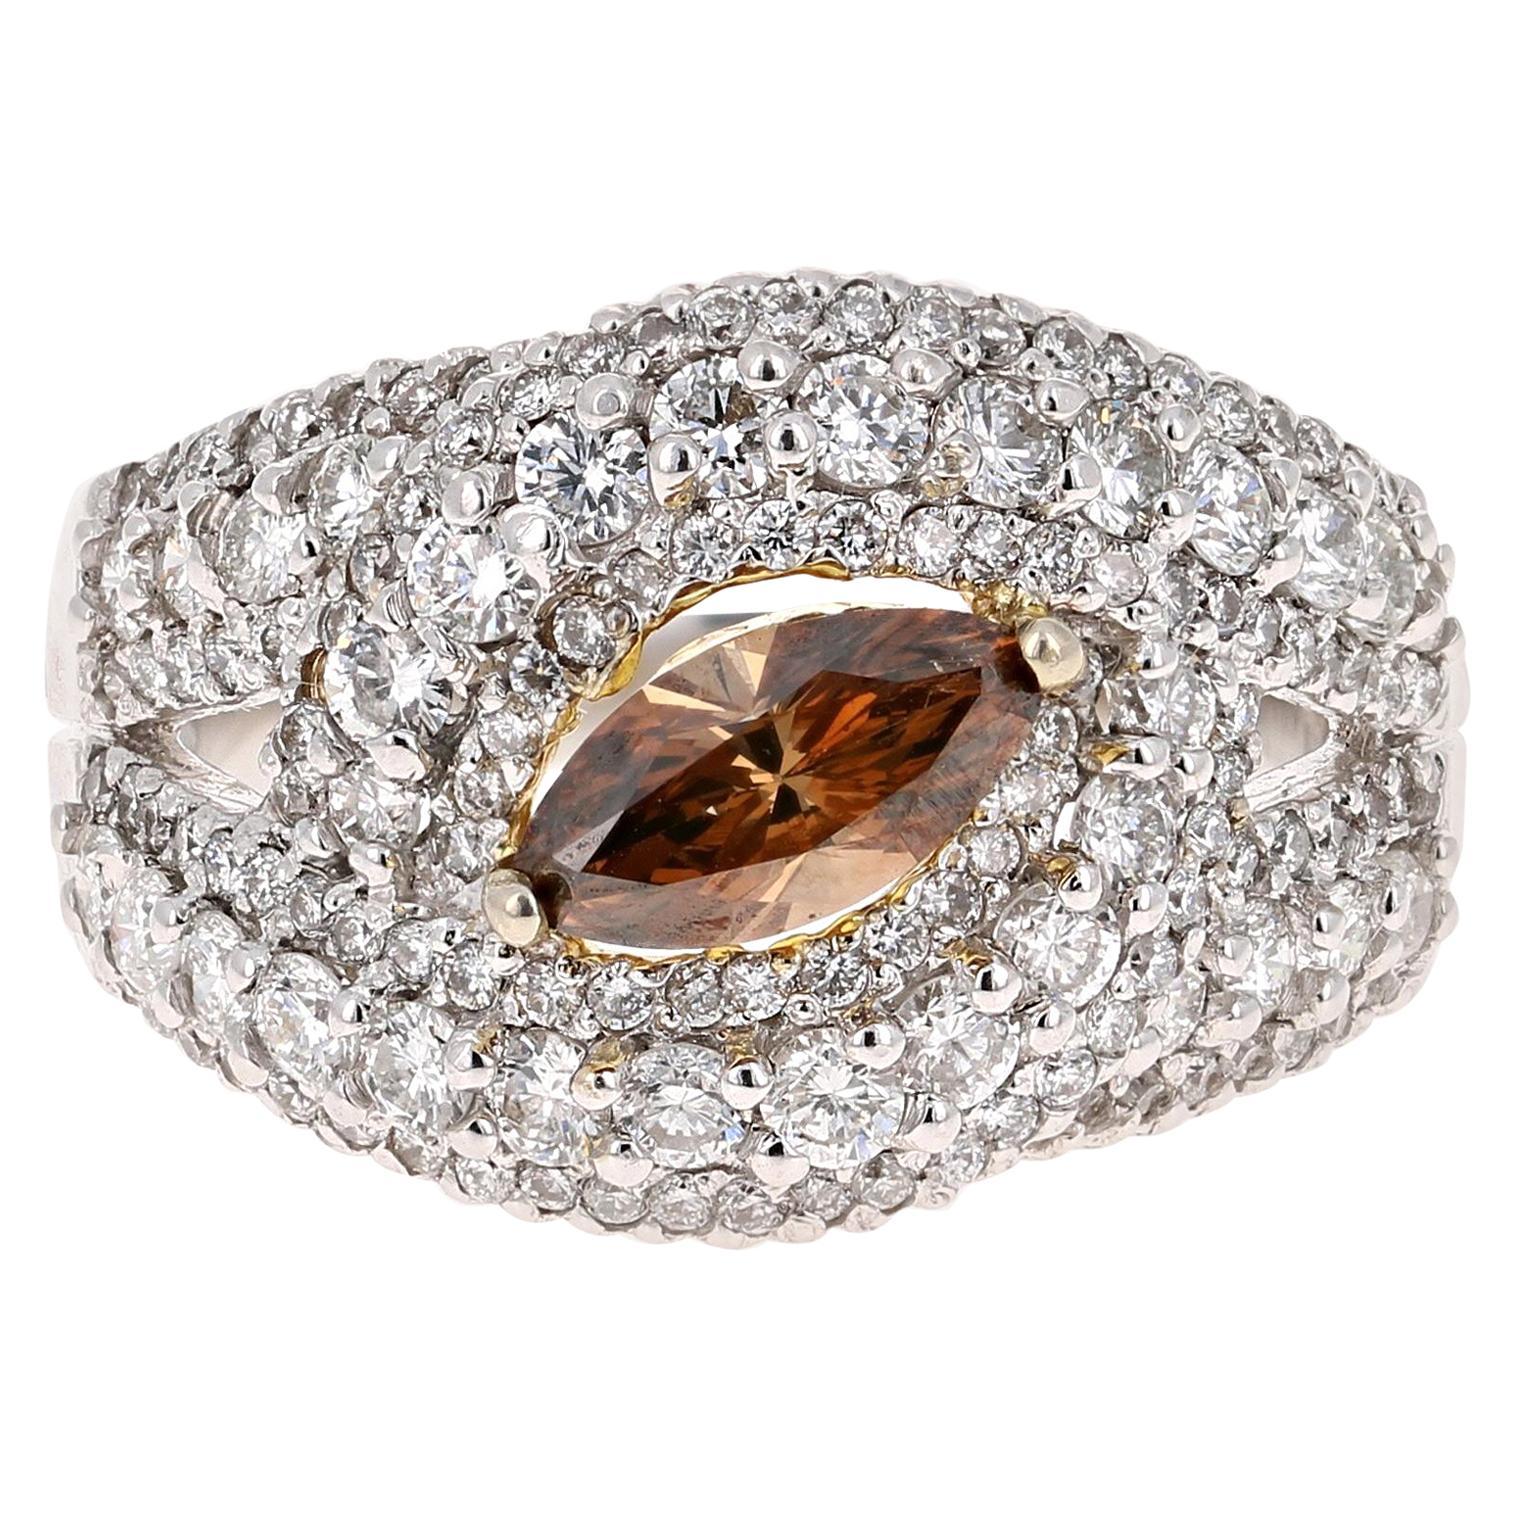 2.11 Carat Natural Fancy Brown Diamond Engagement Ring 14 Karat White Gold